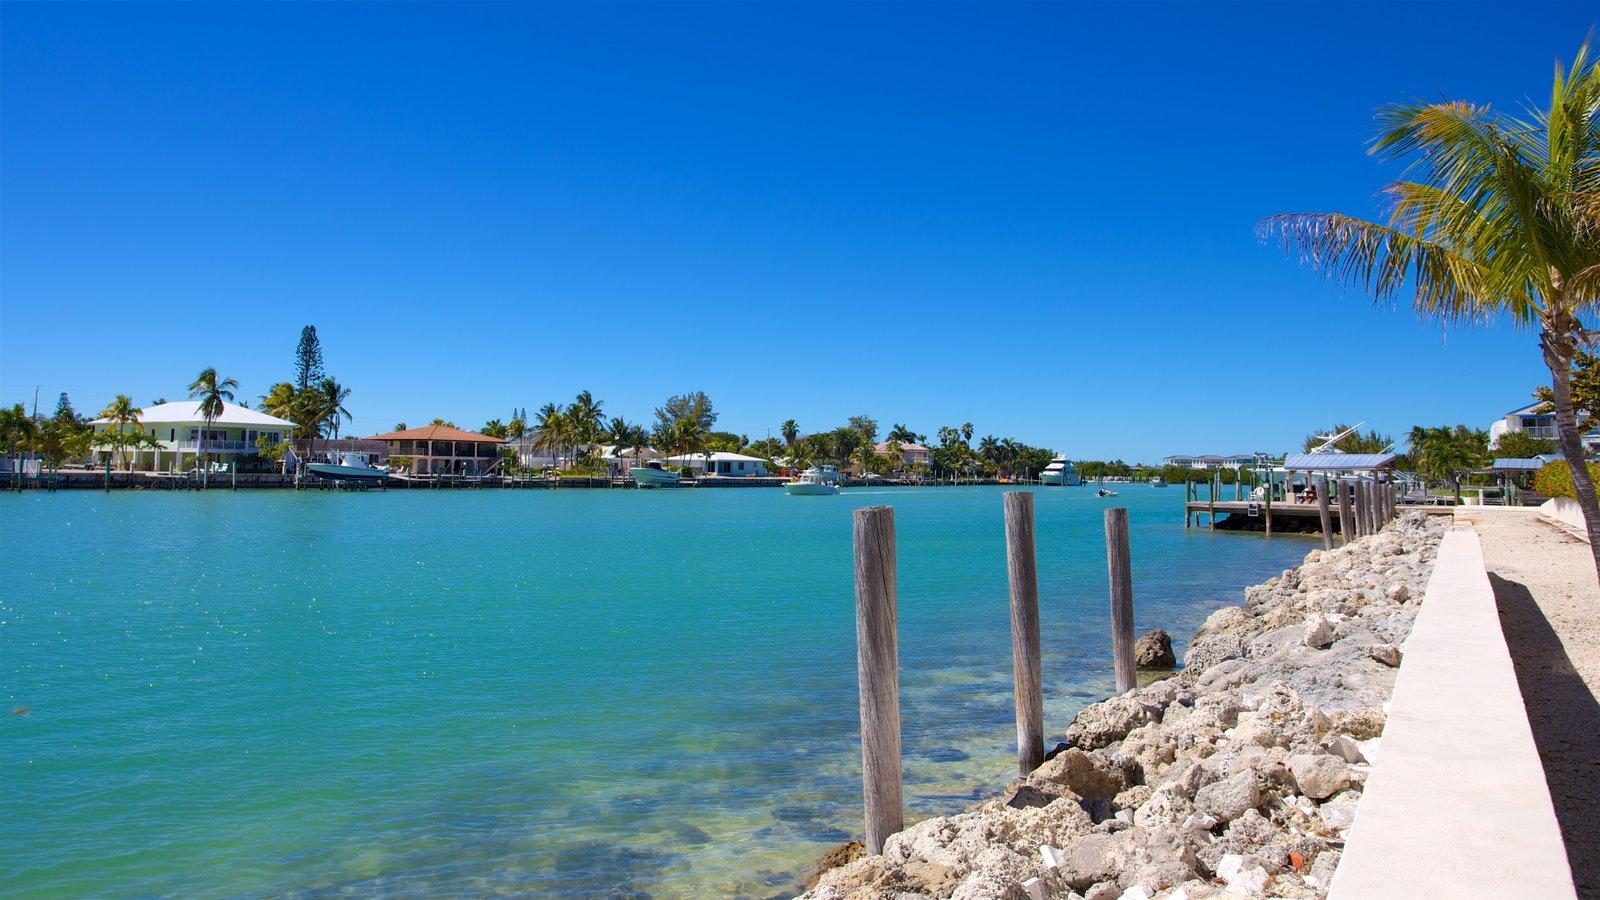 Sul da Flórida caracterizando uma baía ou porto e uma cidade litorânea